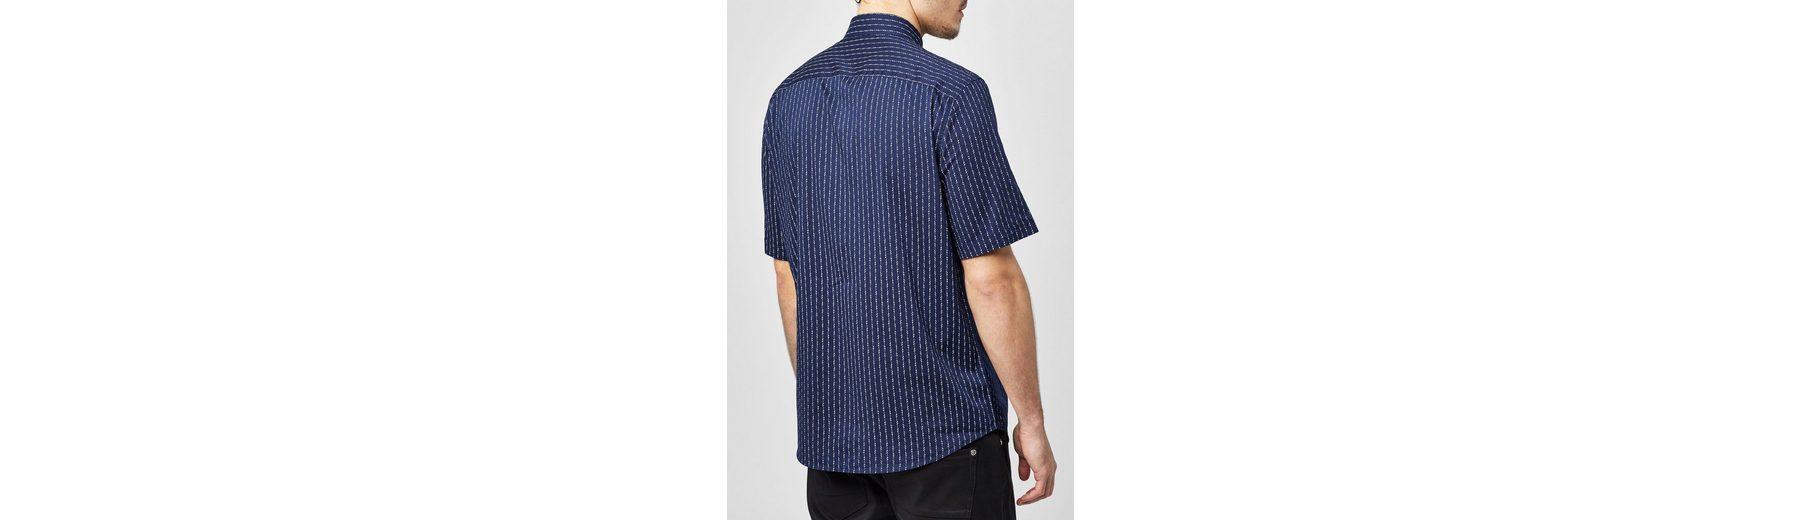 Rote Vorbestellung Eastbay Günstig Kaufen Neue Stile Next Kurzärmeliges Hemd mit geometrischem Muster Verkauf Authentisch 1qzxxLJ